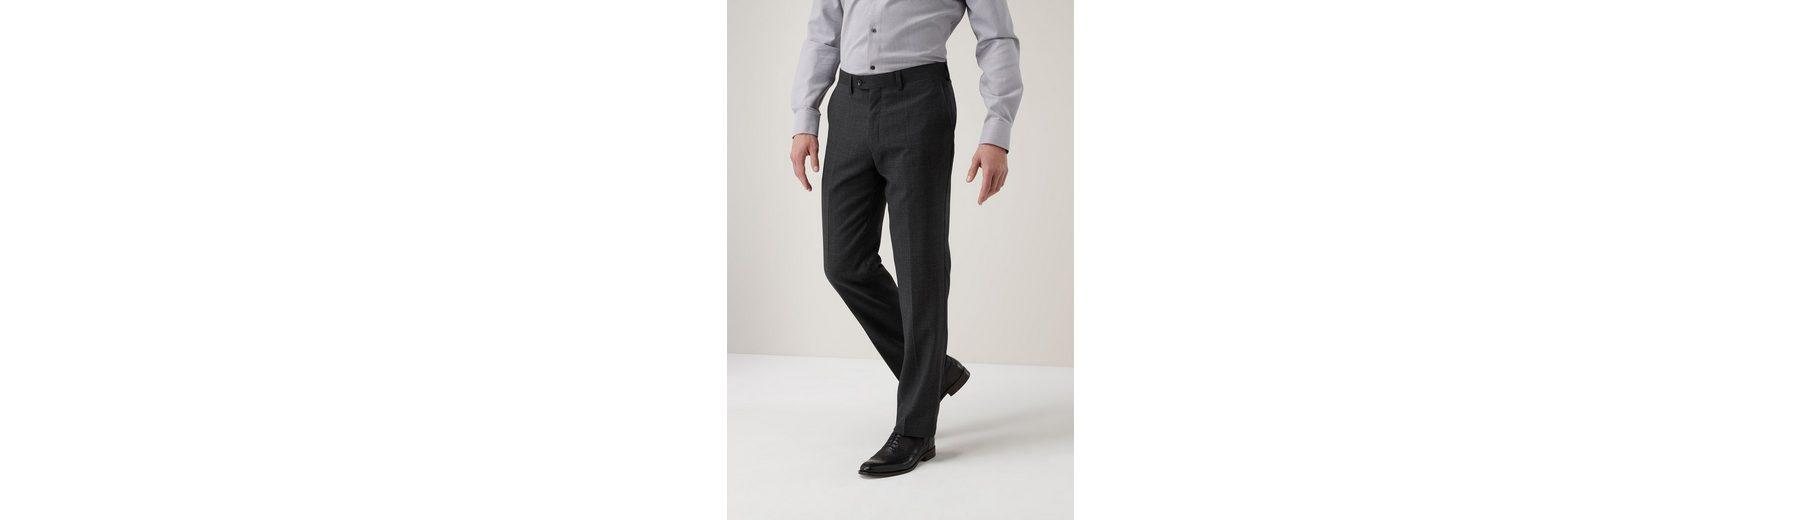 Next Regular-Fit-Anzug mit Karomuster: Hose Offizielle Seite Online Verkauf Besten Platz EHQpXdFGX